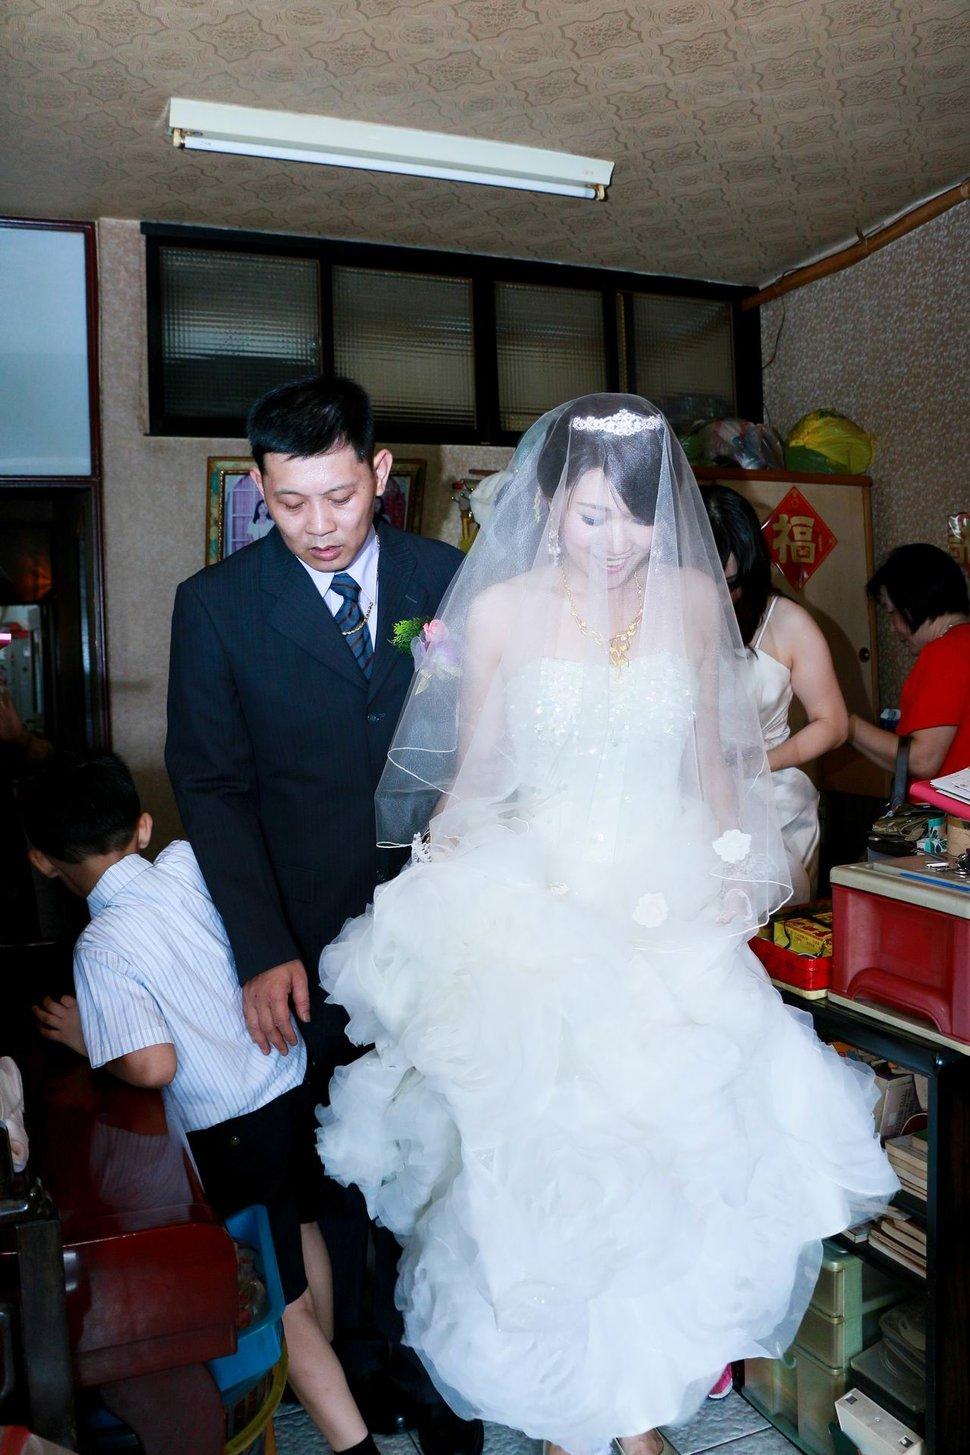 板橋吉立定結餐廳迎娶文定婚禮記錄結婚迎娶婚禮攝影動態微電影錄影專業錄影平面攝影影婚禮主持人(編號:196990) - 蜜月拍照10800錄影12800攝影團隊 - 結婚吧